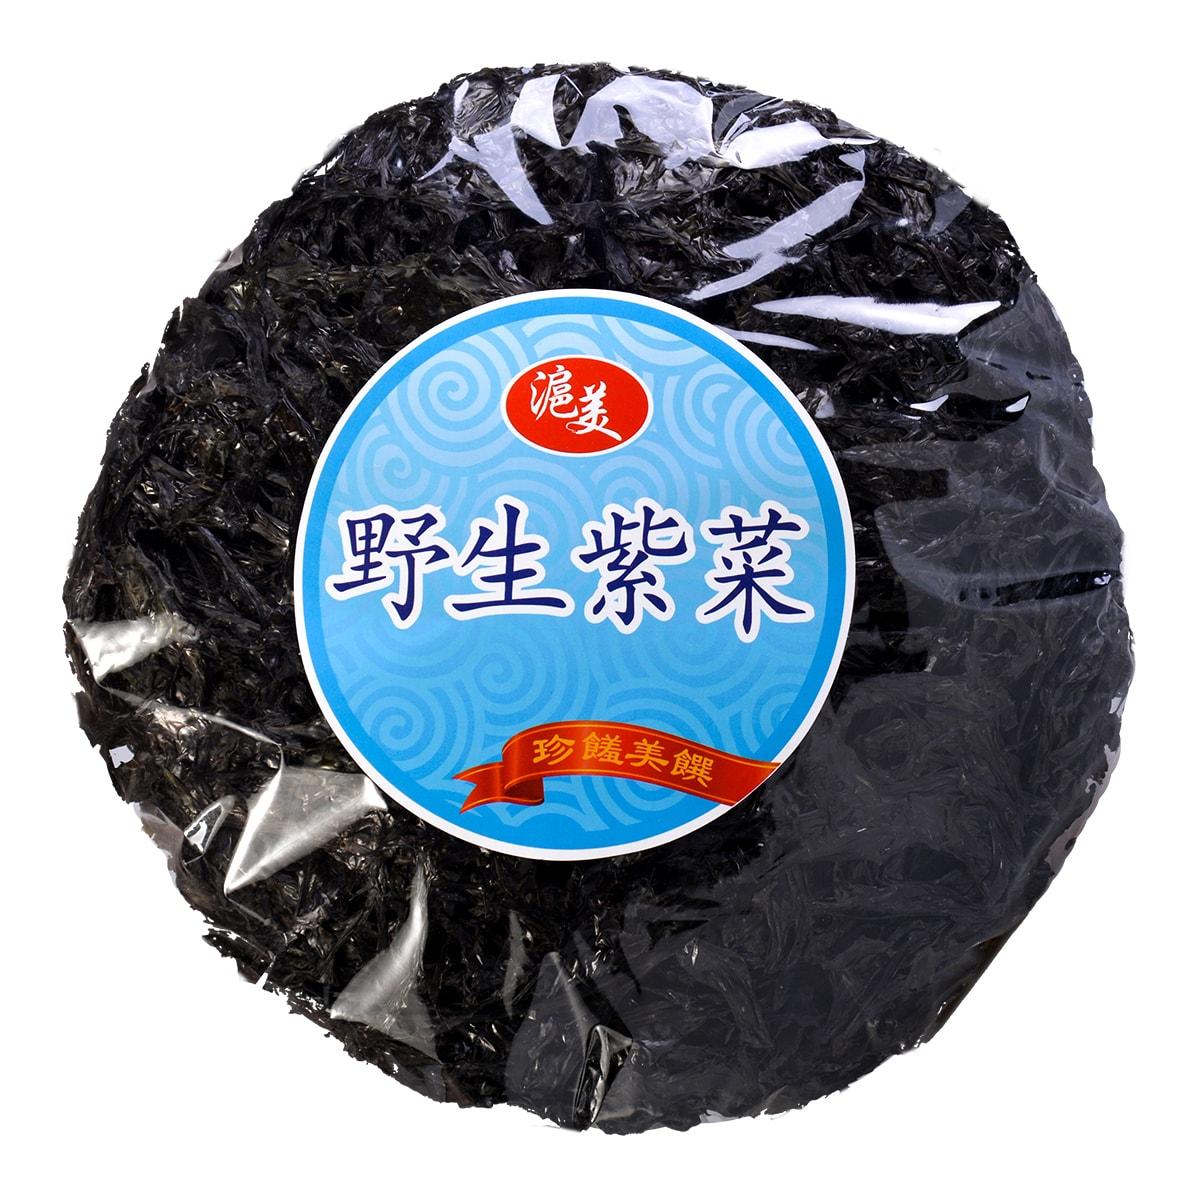 沪美 精选野生紫菜 65g